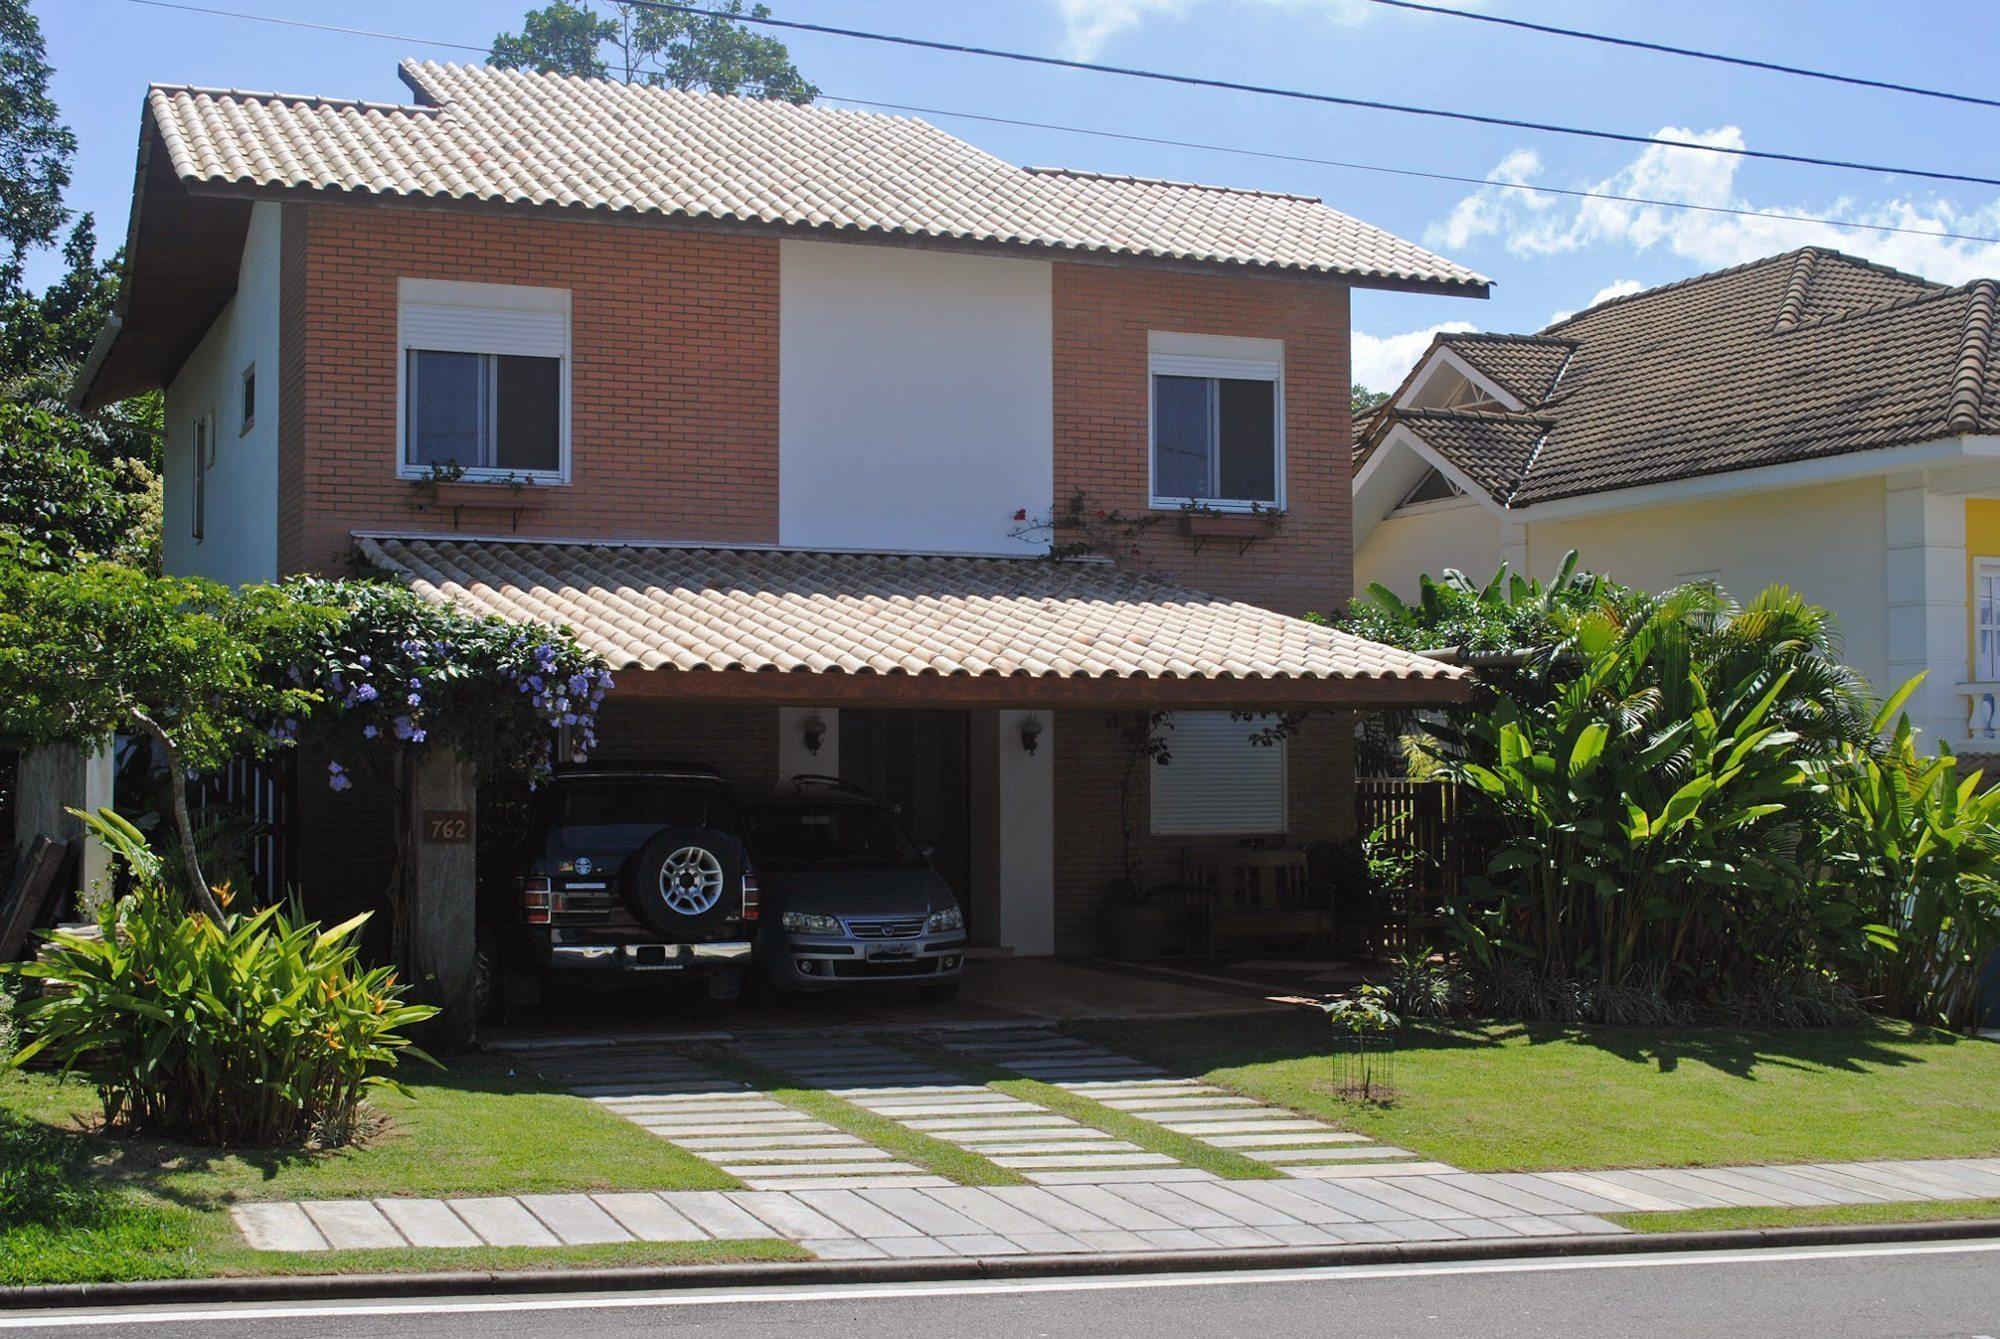 Casa moderno in vendita a alphaville paralela hansen im veis for Piani casa 3 camere da letto e garage doppio